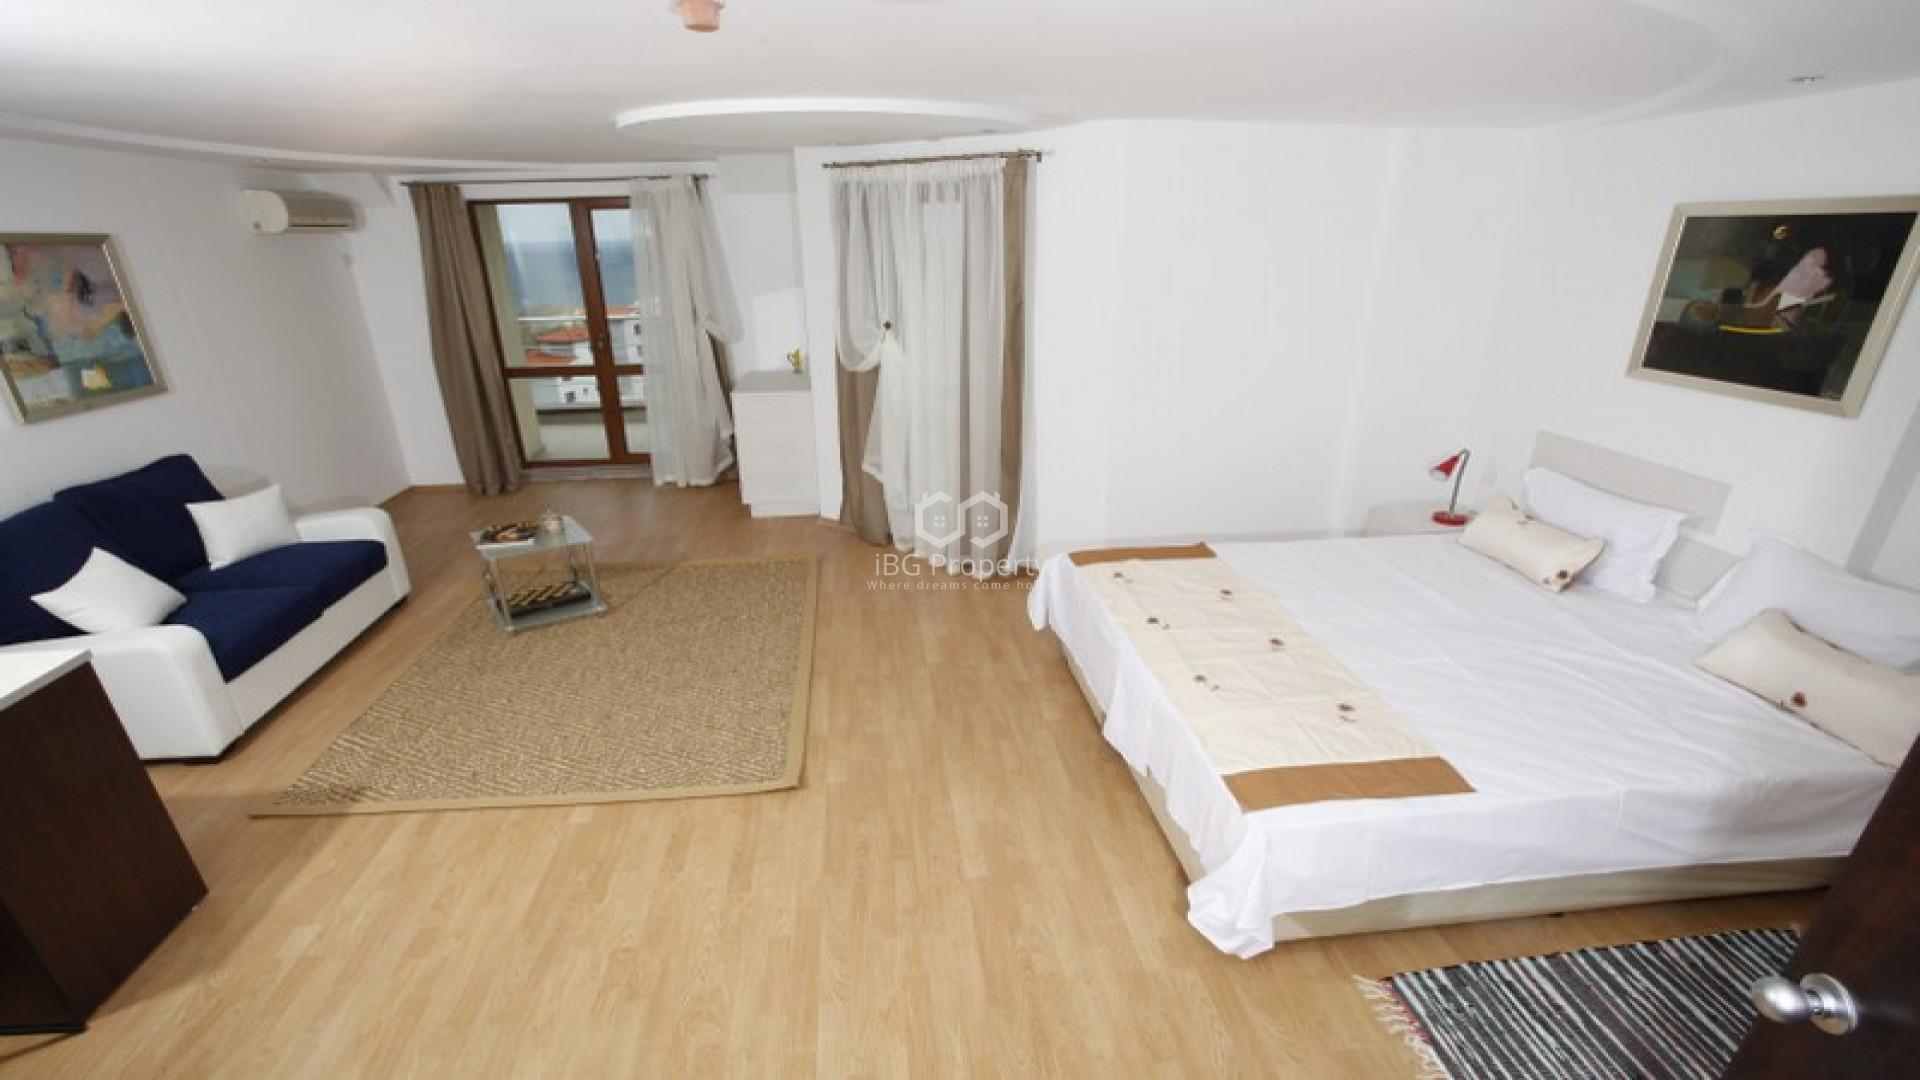 Двухкомнатная квартира Бяла  75 m2